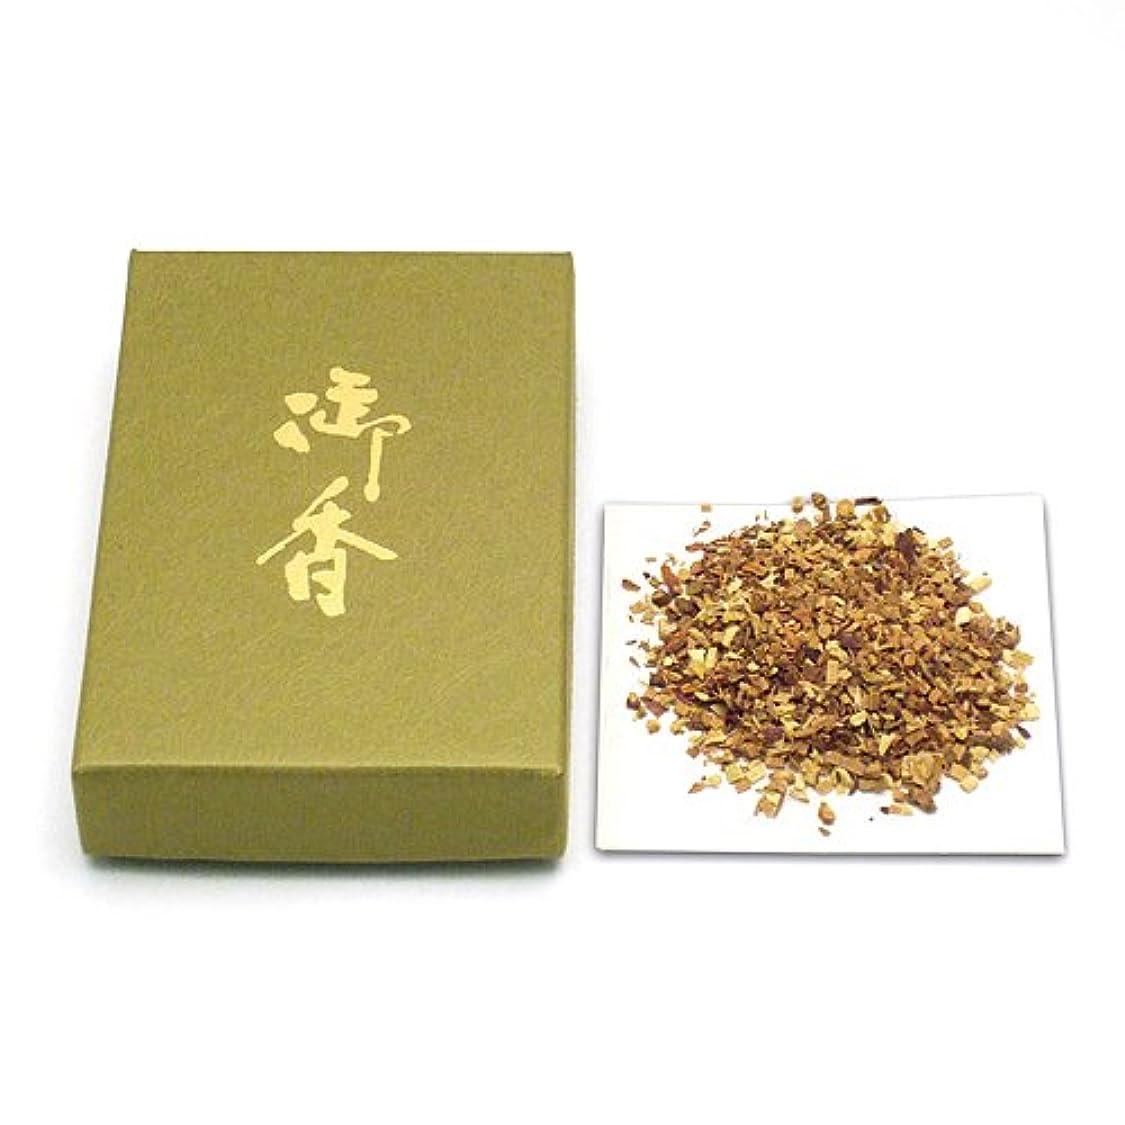 冷凍庫ドリルマオリ焼香用御香 瑞薫印 25g◆お焼香用の御香